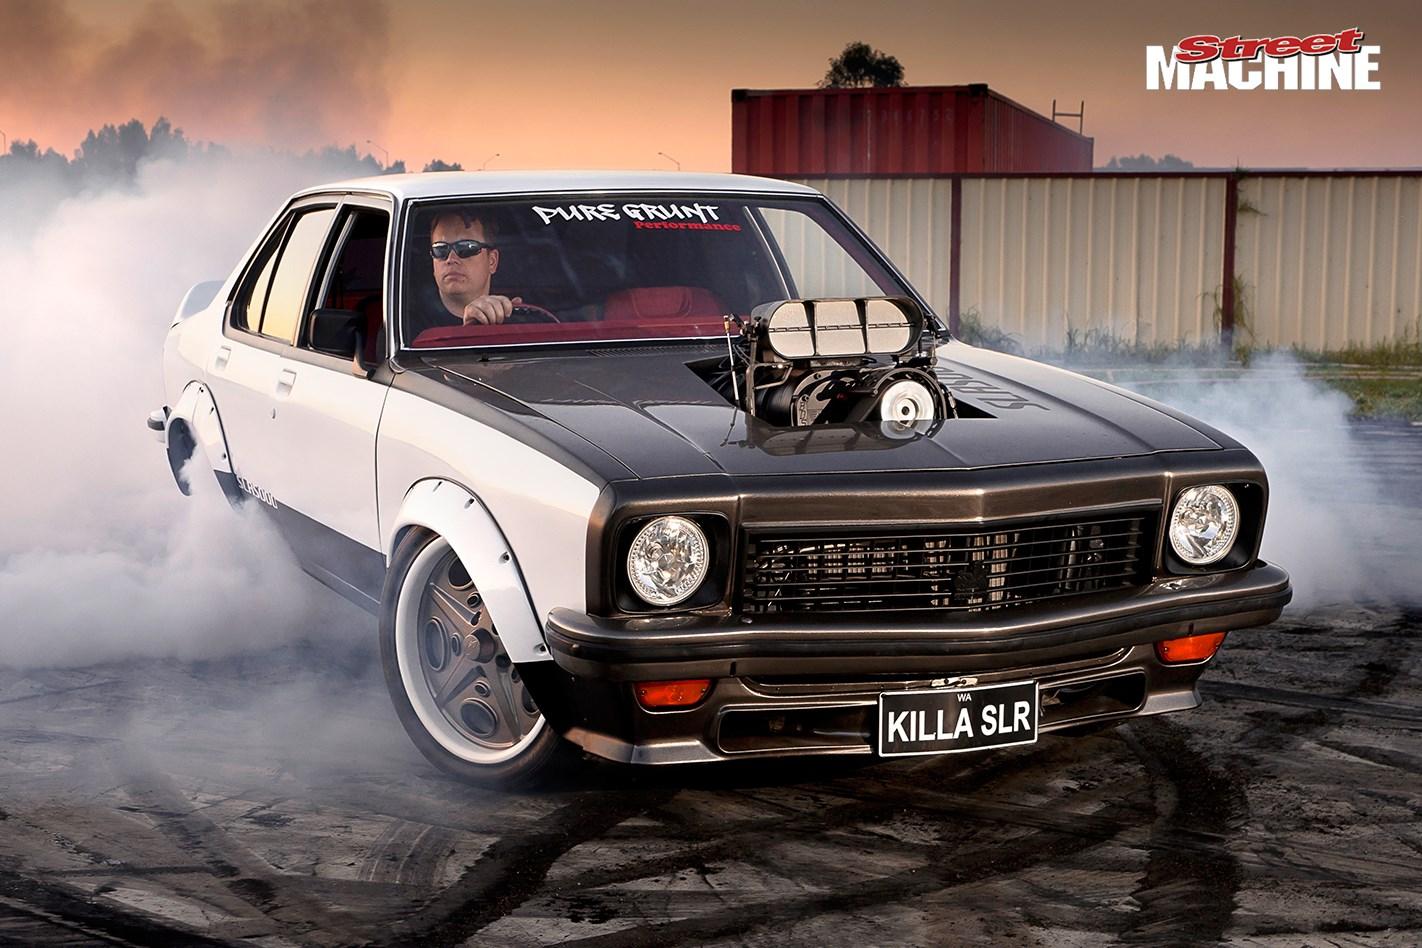 Holden Torana Killa Slr Burnout Nw